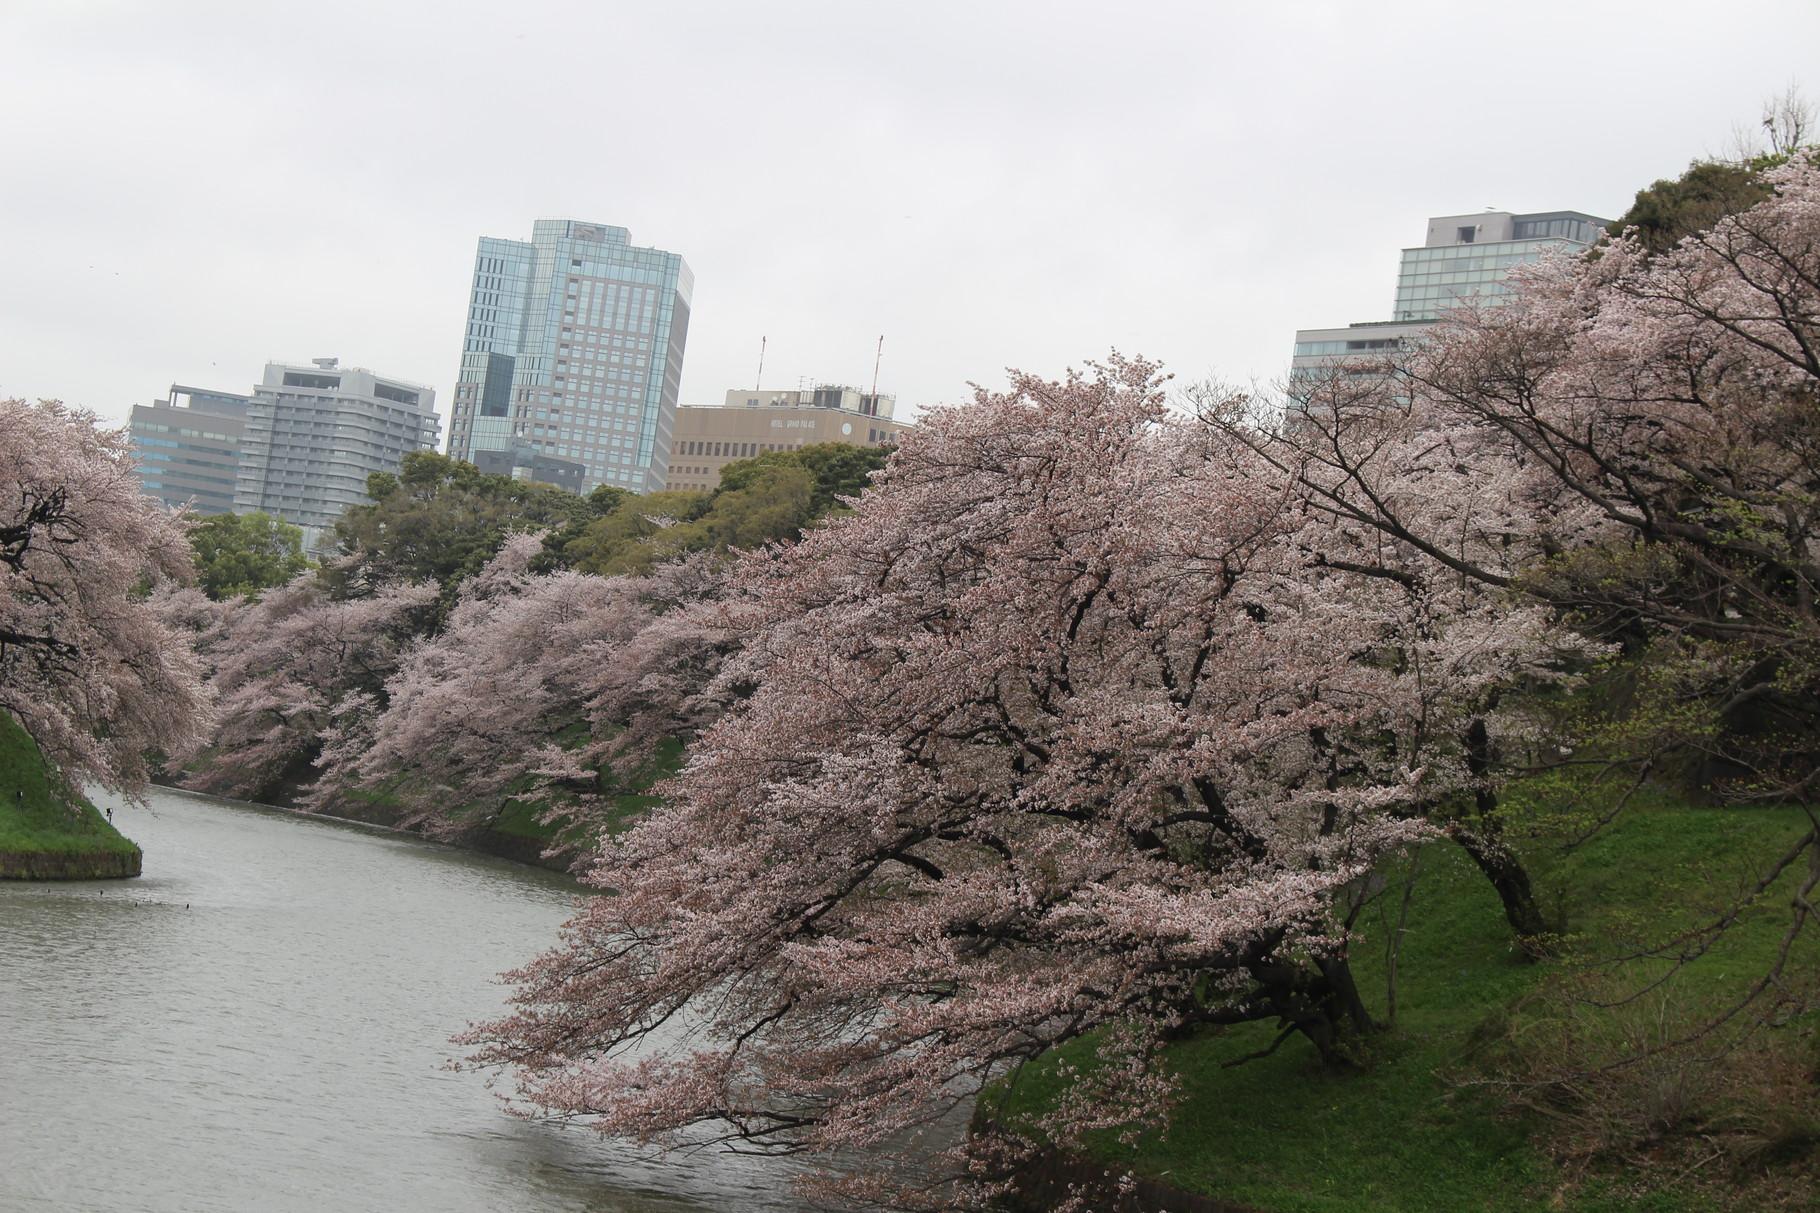 千代田区の千鳥ヶ淵の桜を見学